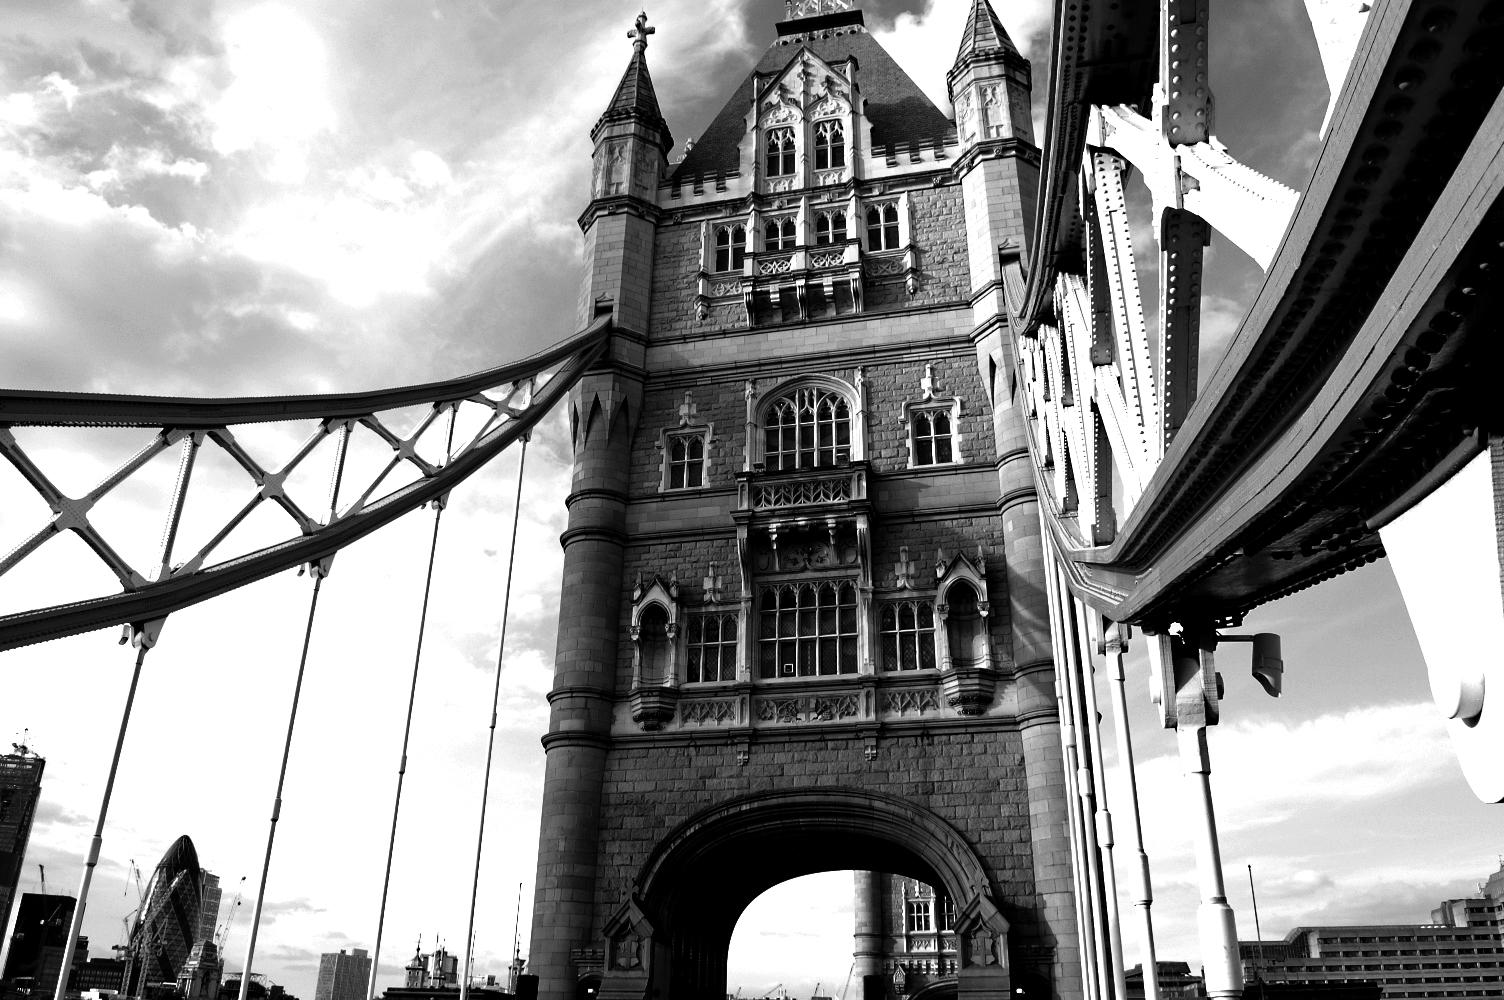 Tower Bridge detail